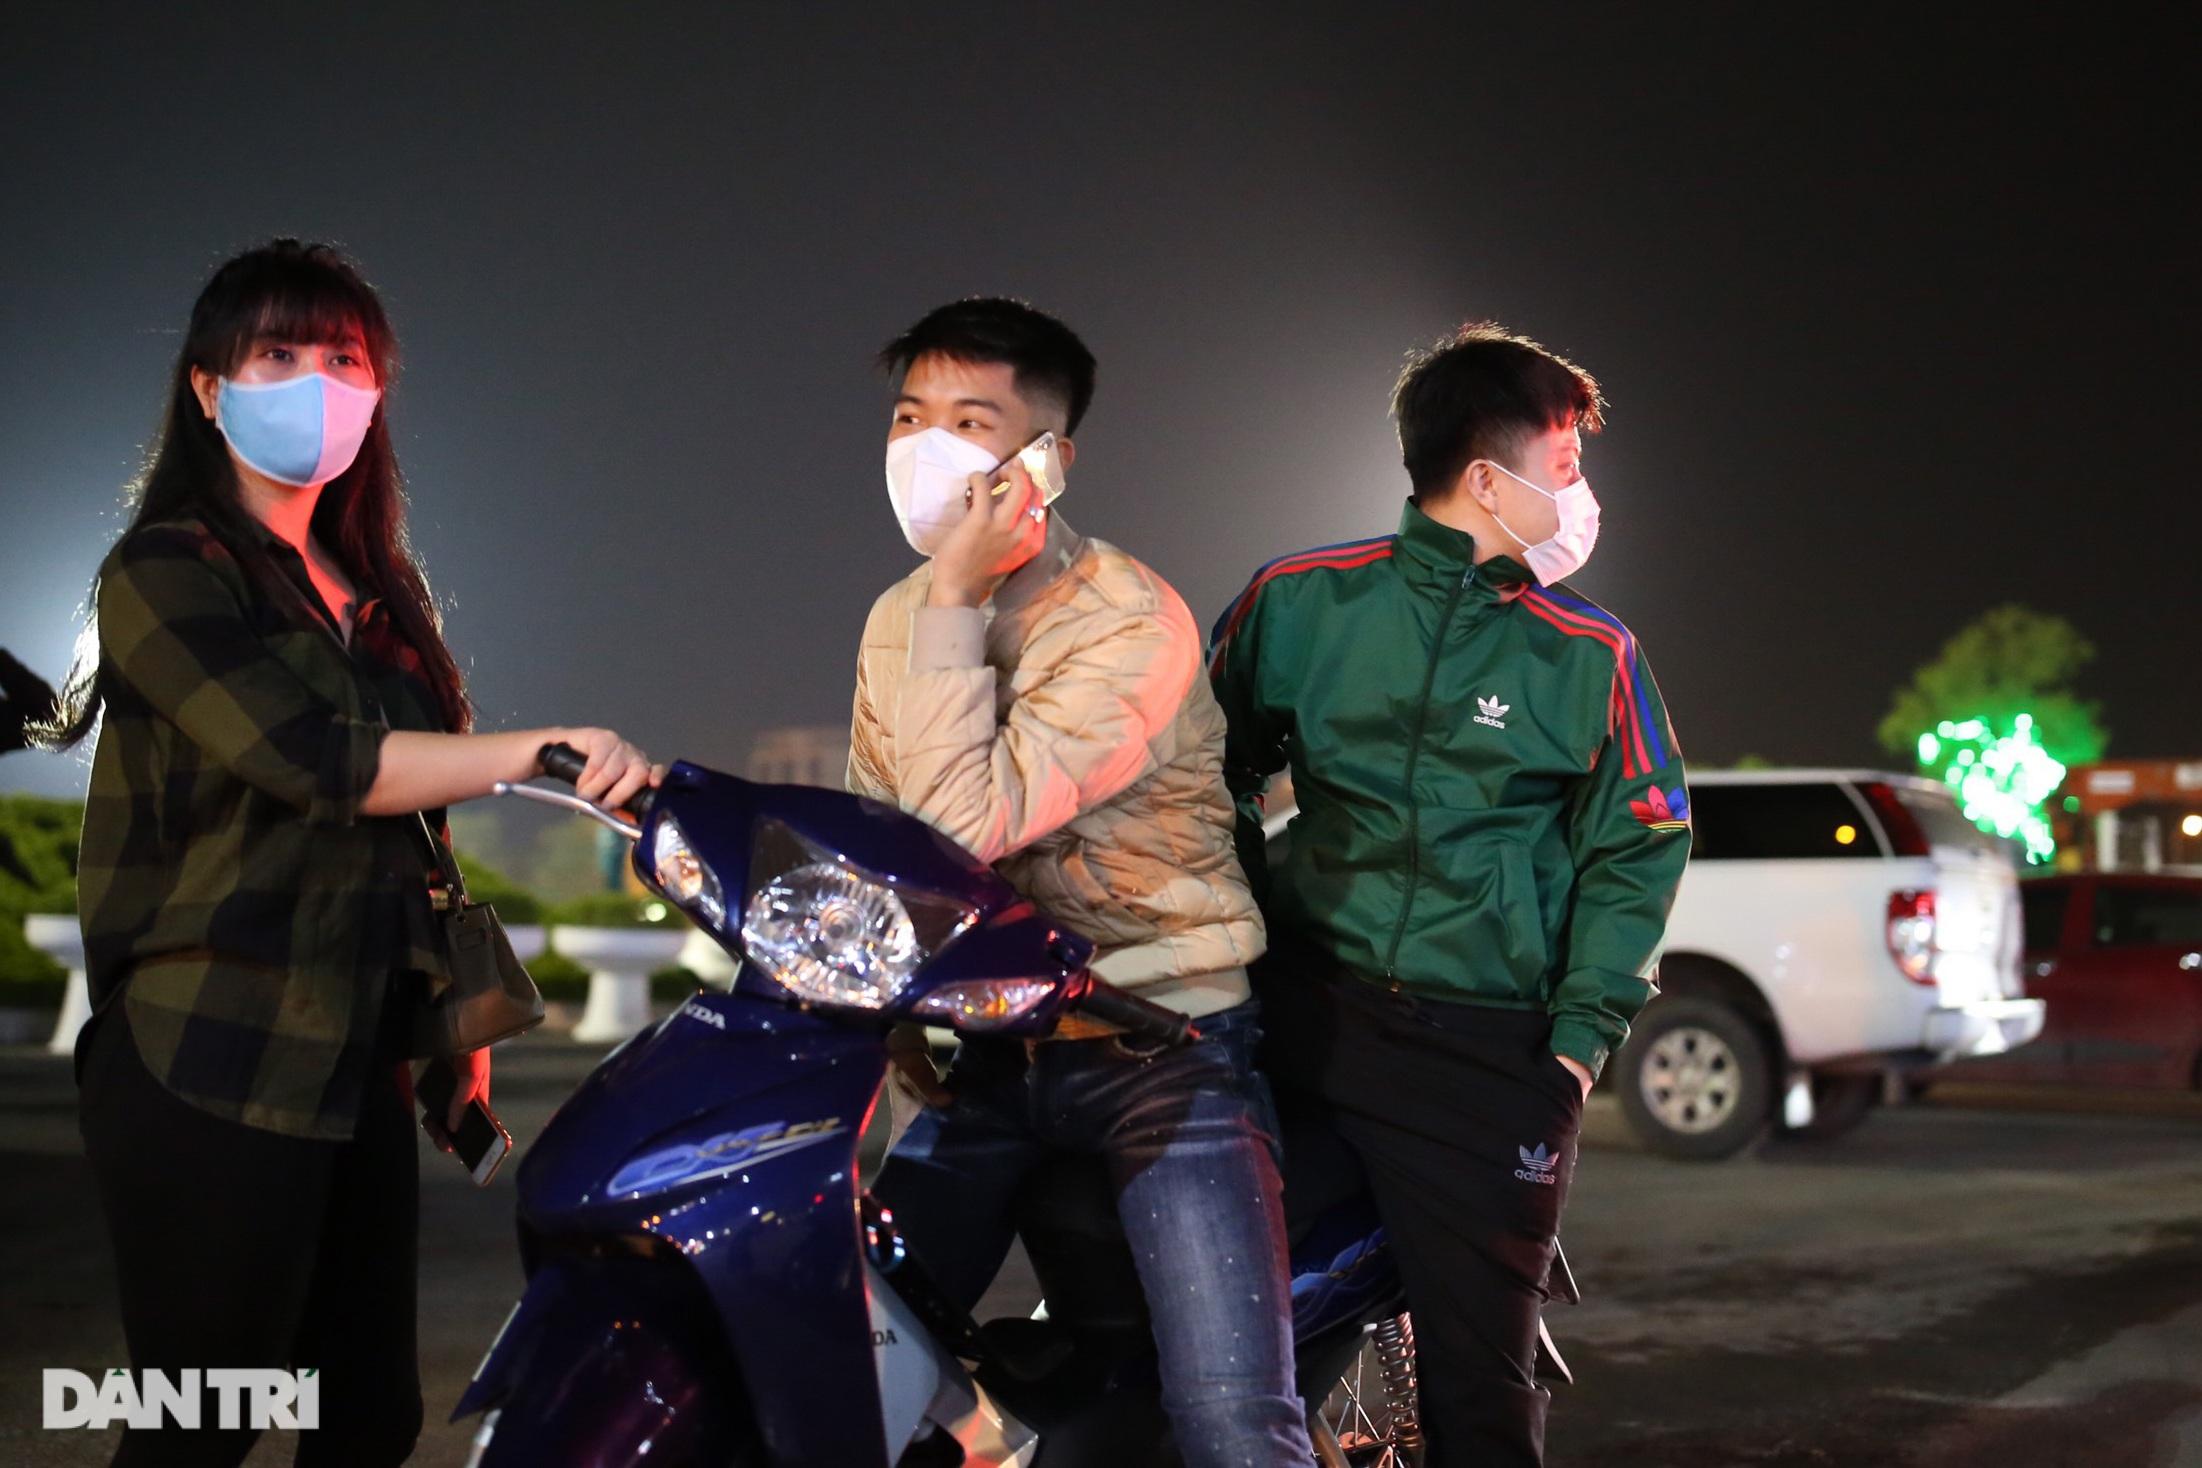 Cờ hoa rực rỡ, người dân vỡ òa cảm xúc khi TP Chí Linh được gỡ phong tỏa - 3